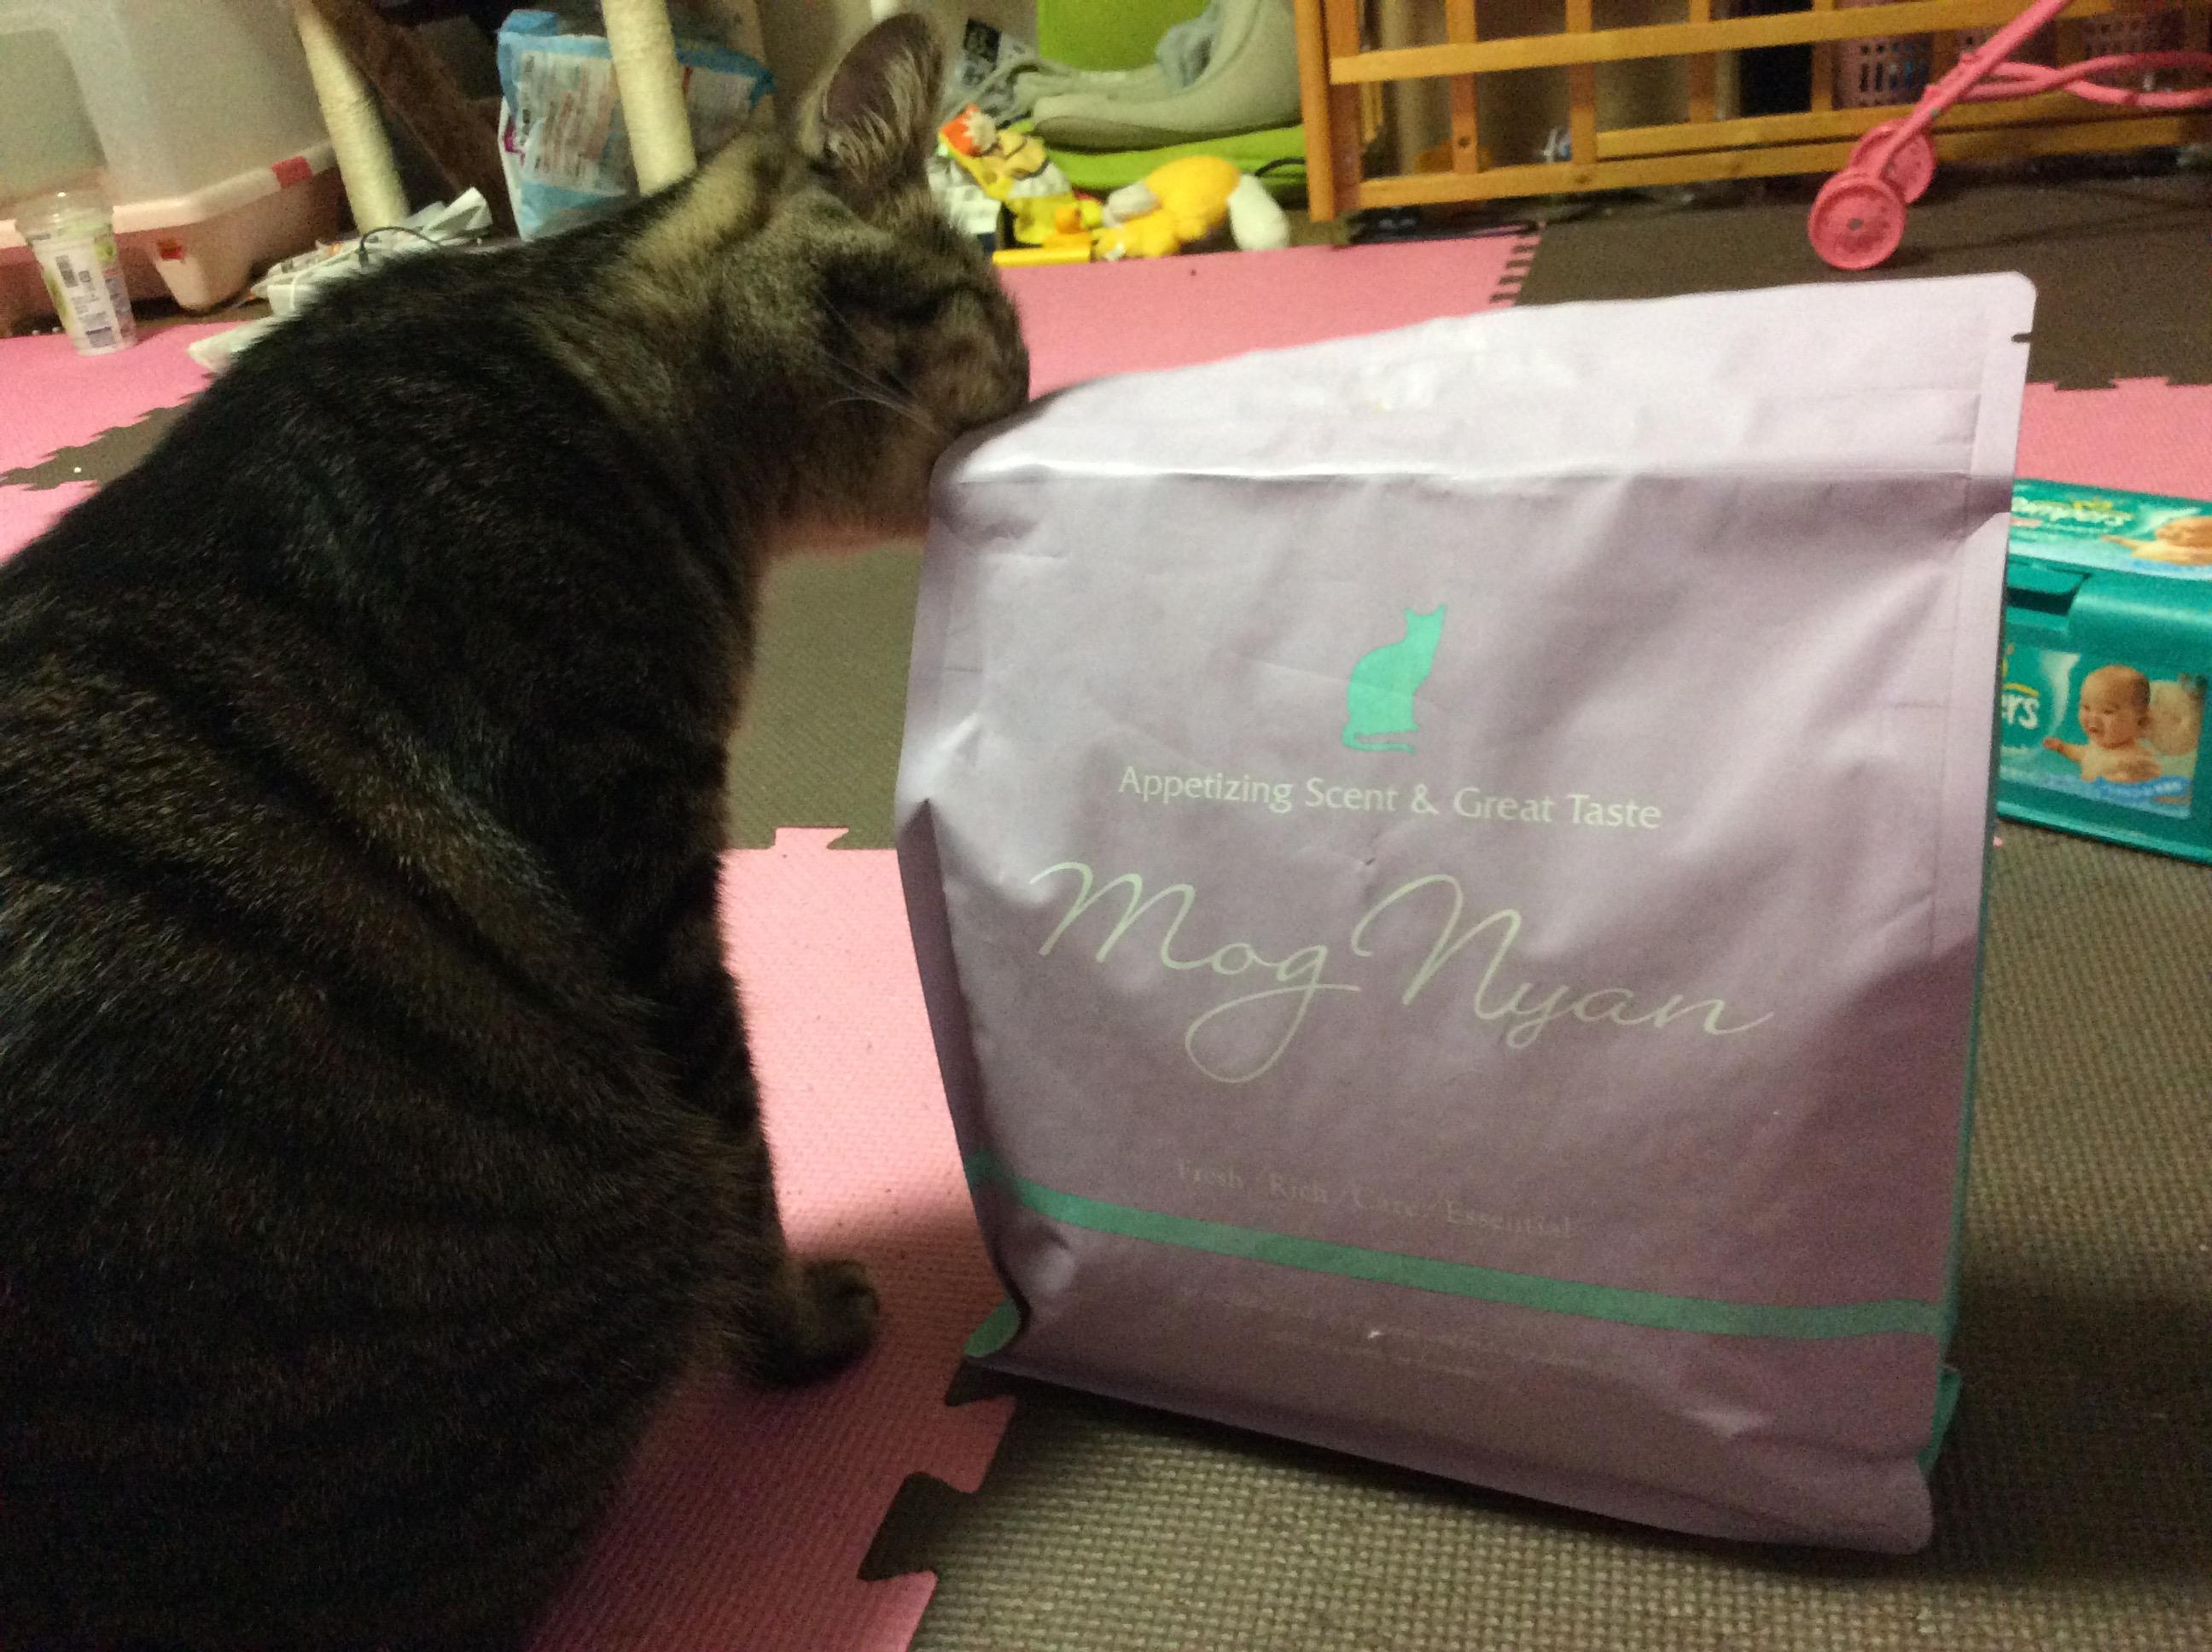 モグニャンキャットフードの匂いをかぐ猫